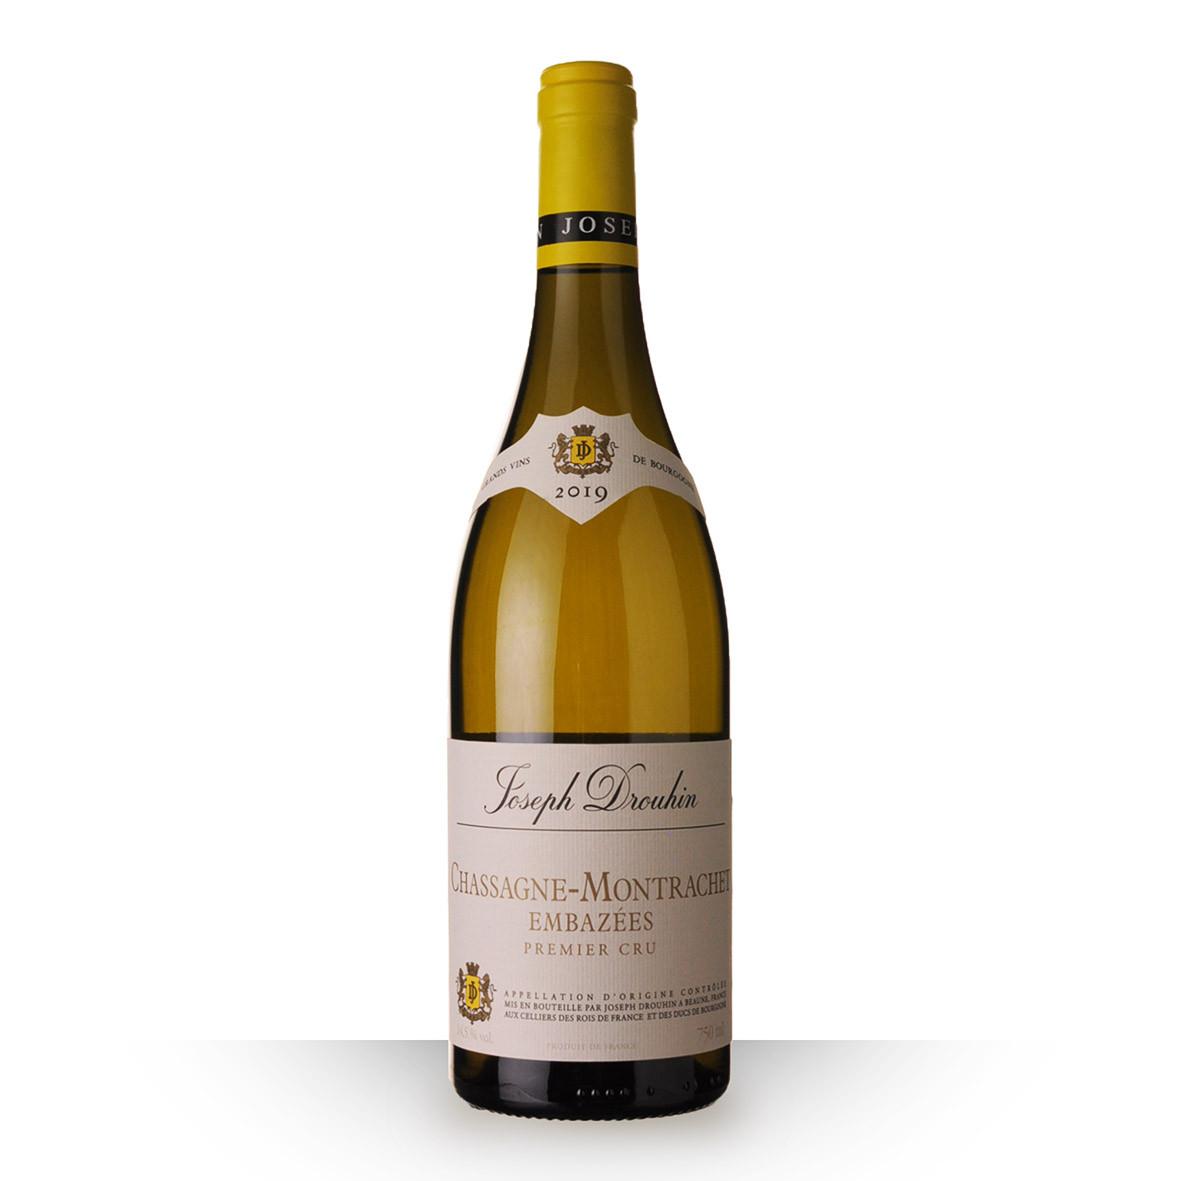 Joseph Drouhin Chassagne-Montrachet 1er Cru Embazées Blanc 2019 75cl www.odyssee-vins.com